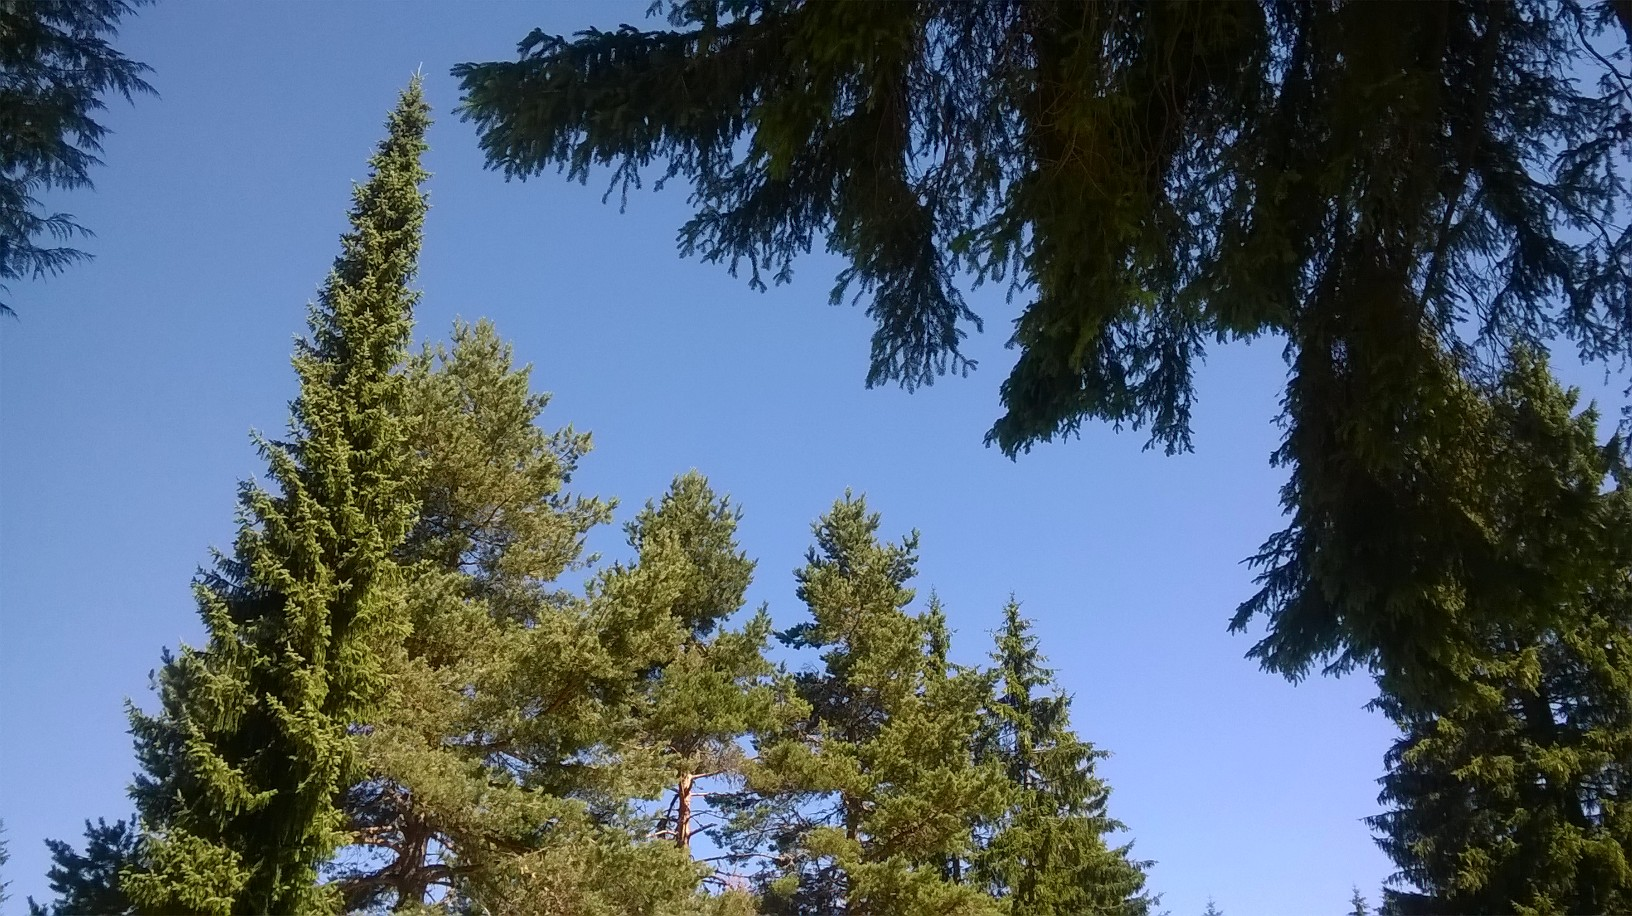 небо и врхови дрвећа